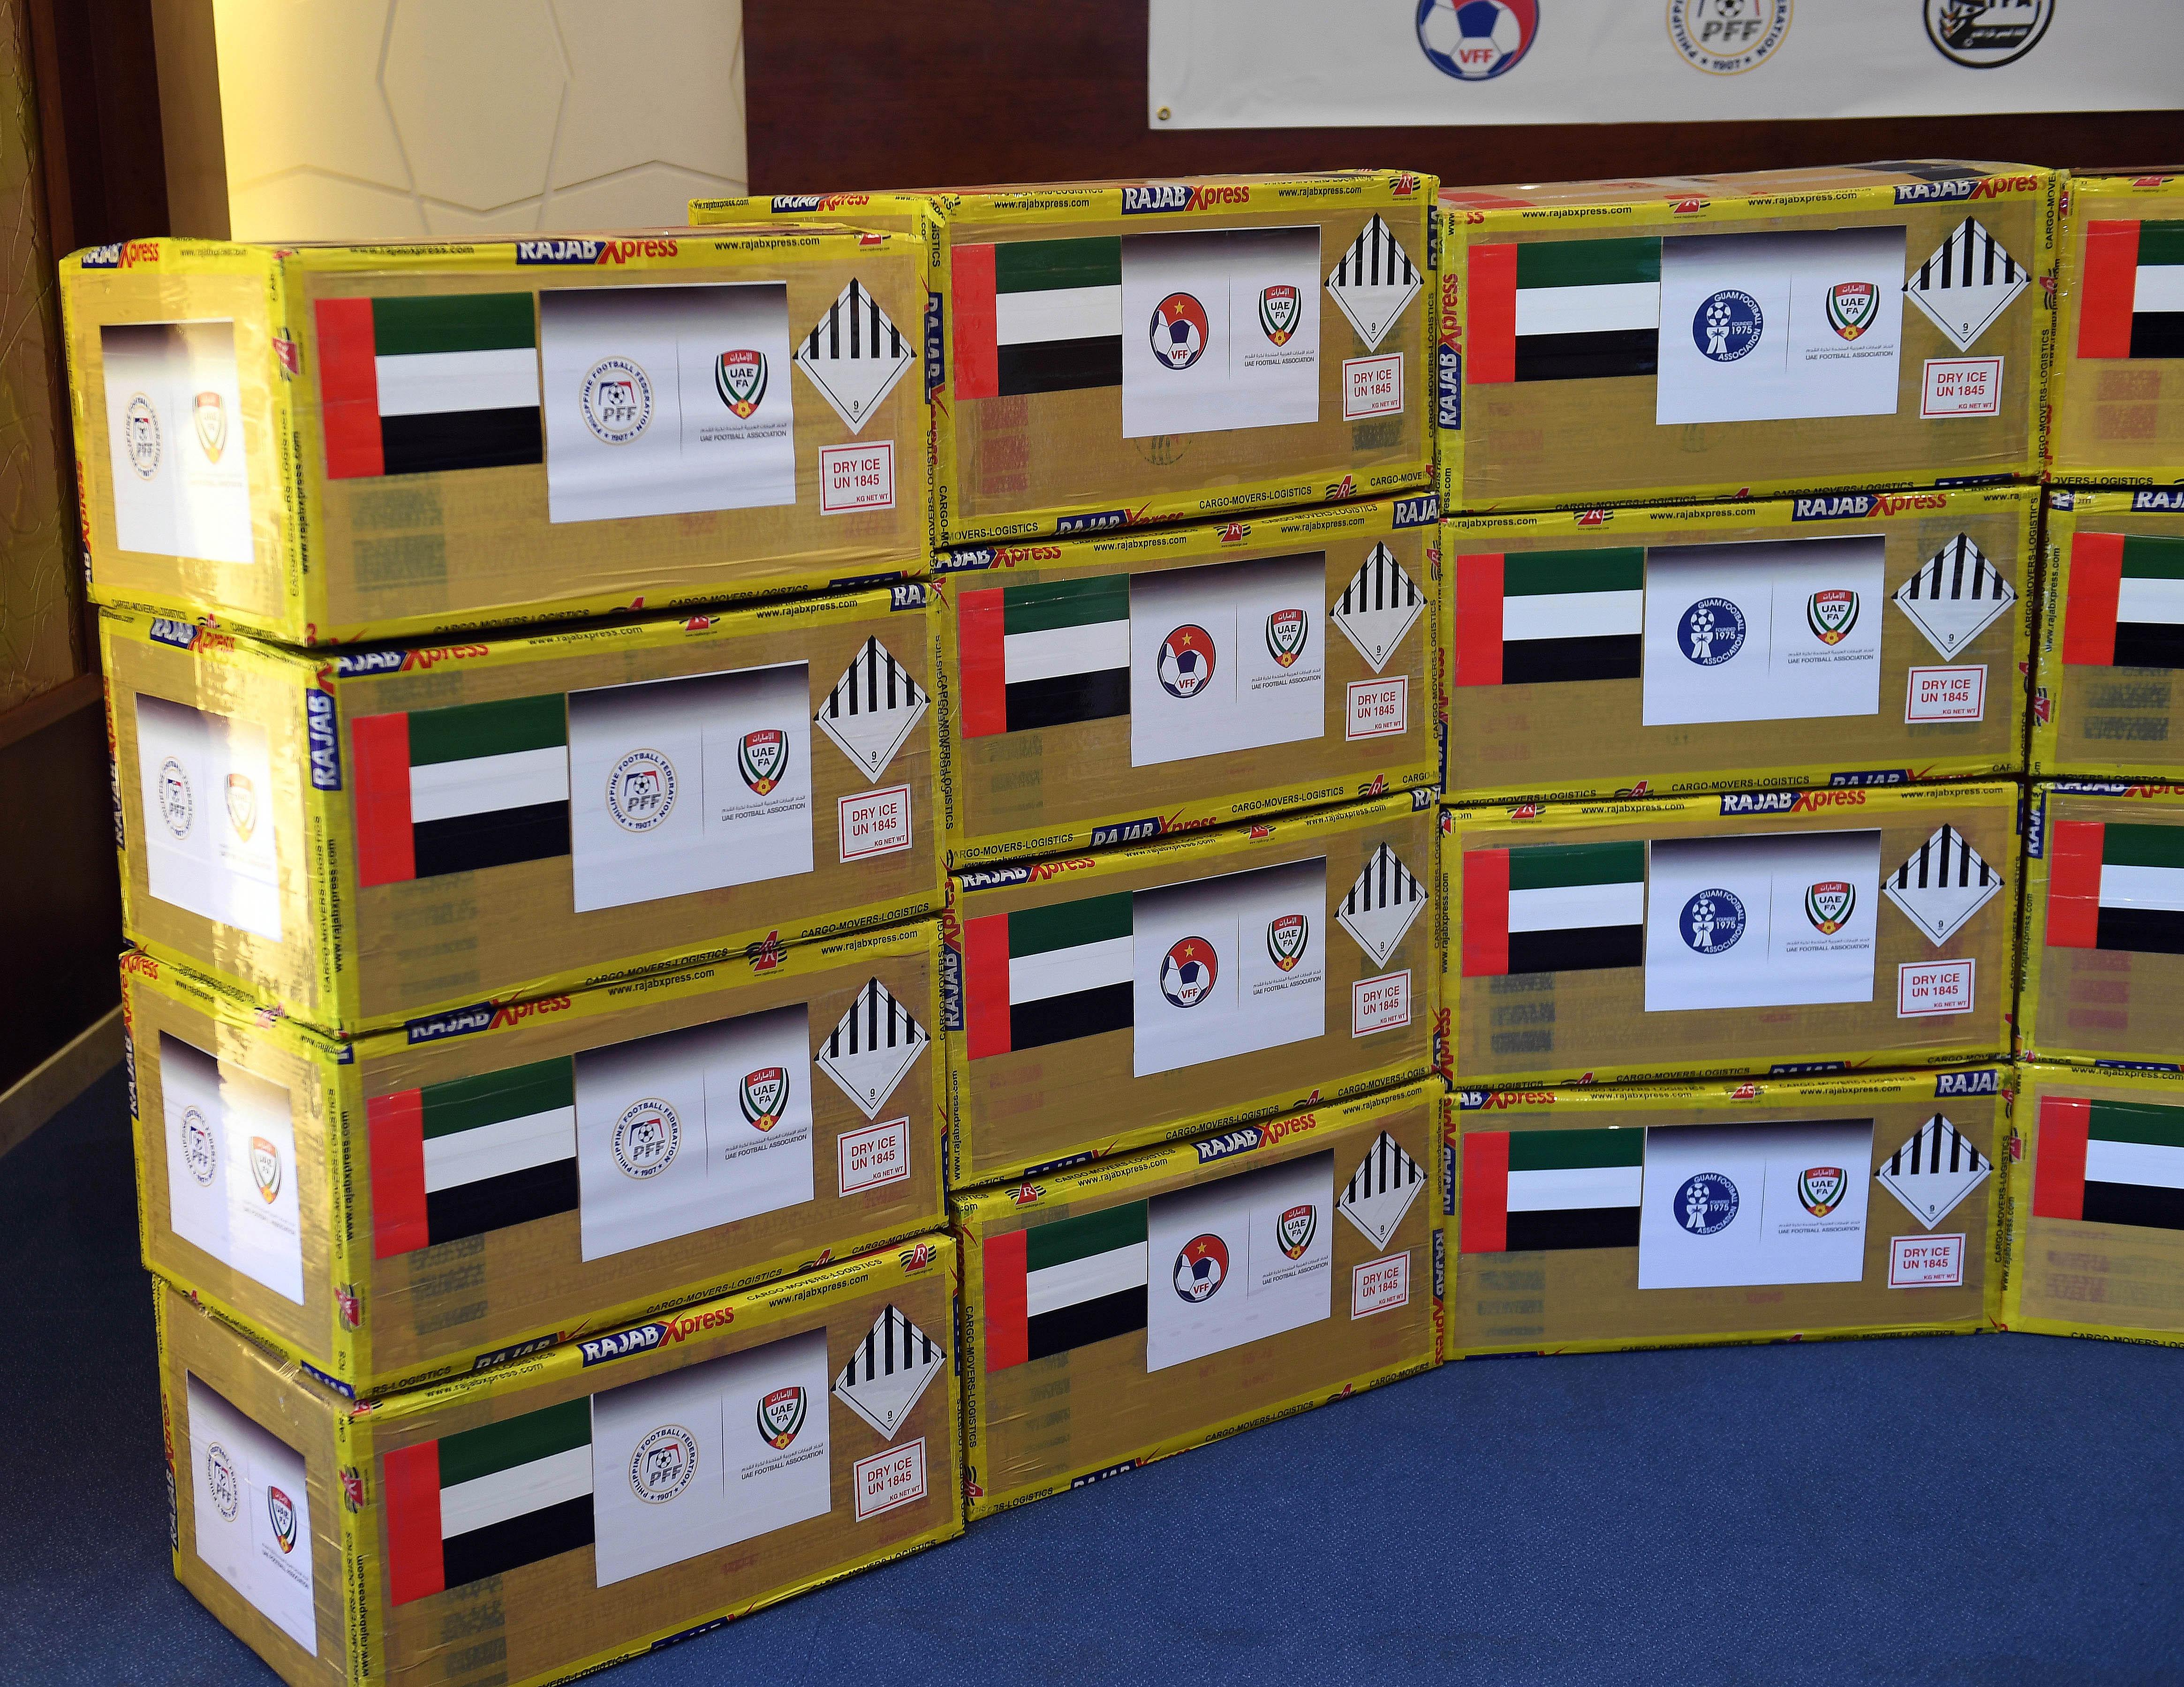 """""""اتحاد الكرة"""" يطلق المرحلة الثانية من مبادرة المساعدات الطبية """"للاتحادات الآسيوية"""" دعما لمواجهة """"جائحة كورونا"""""""